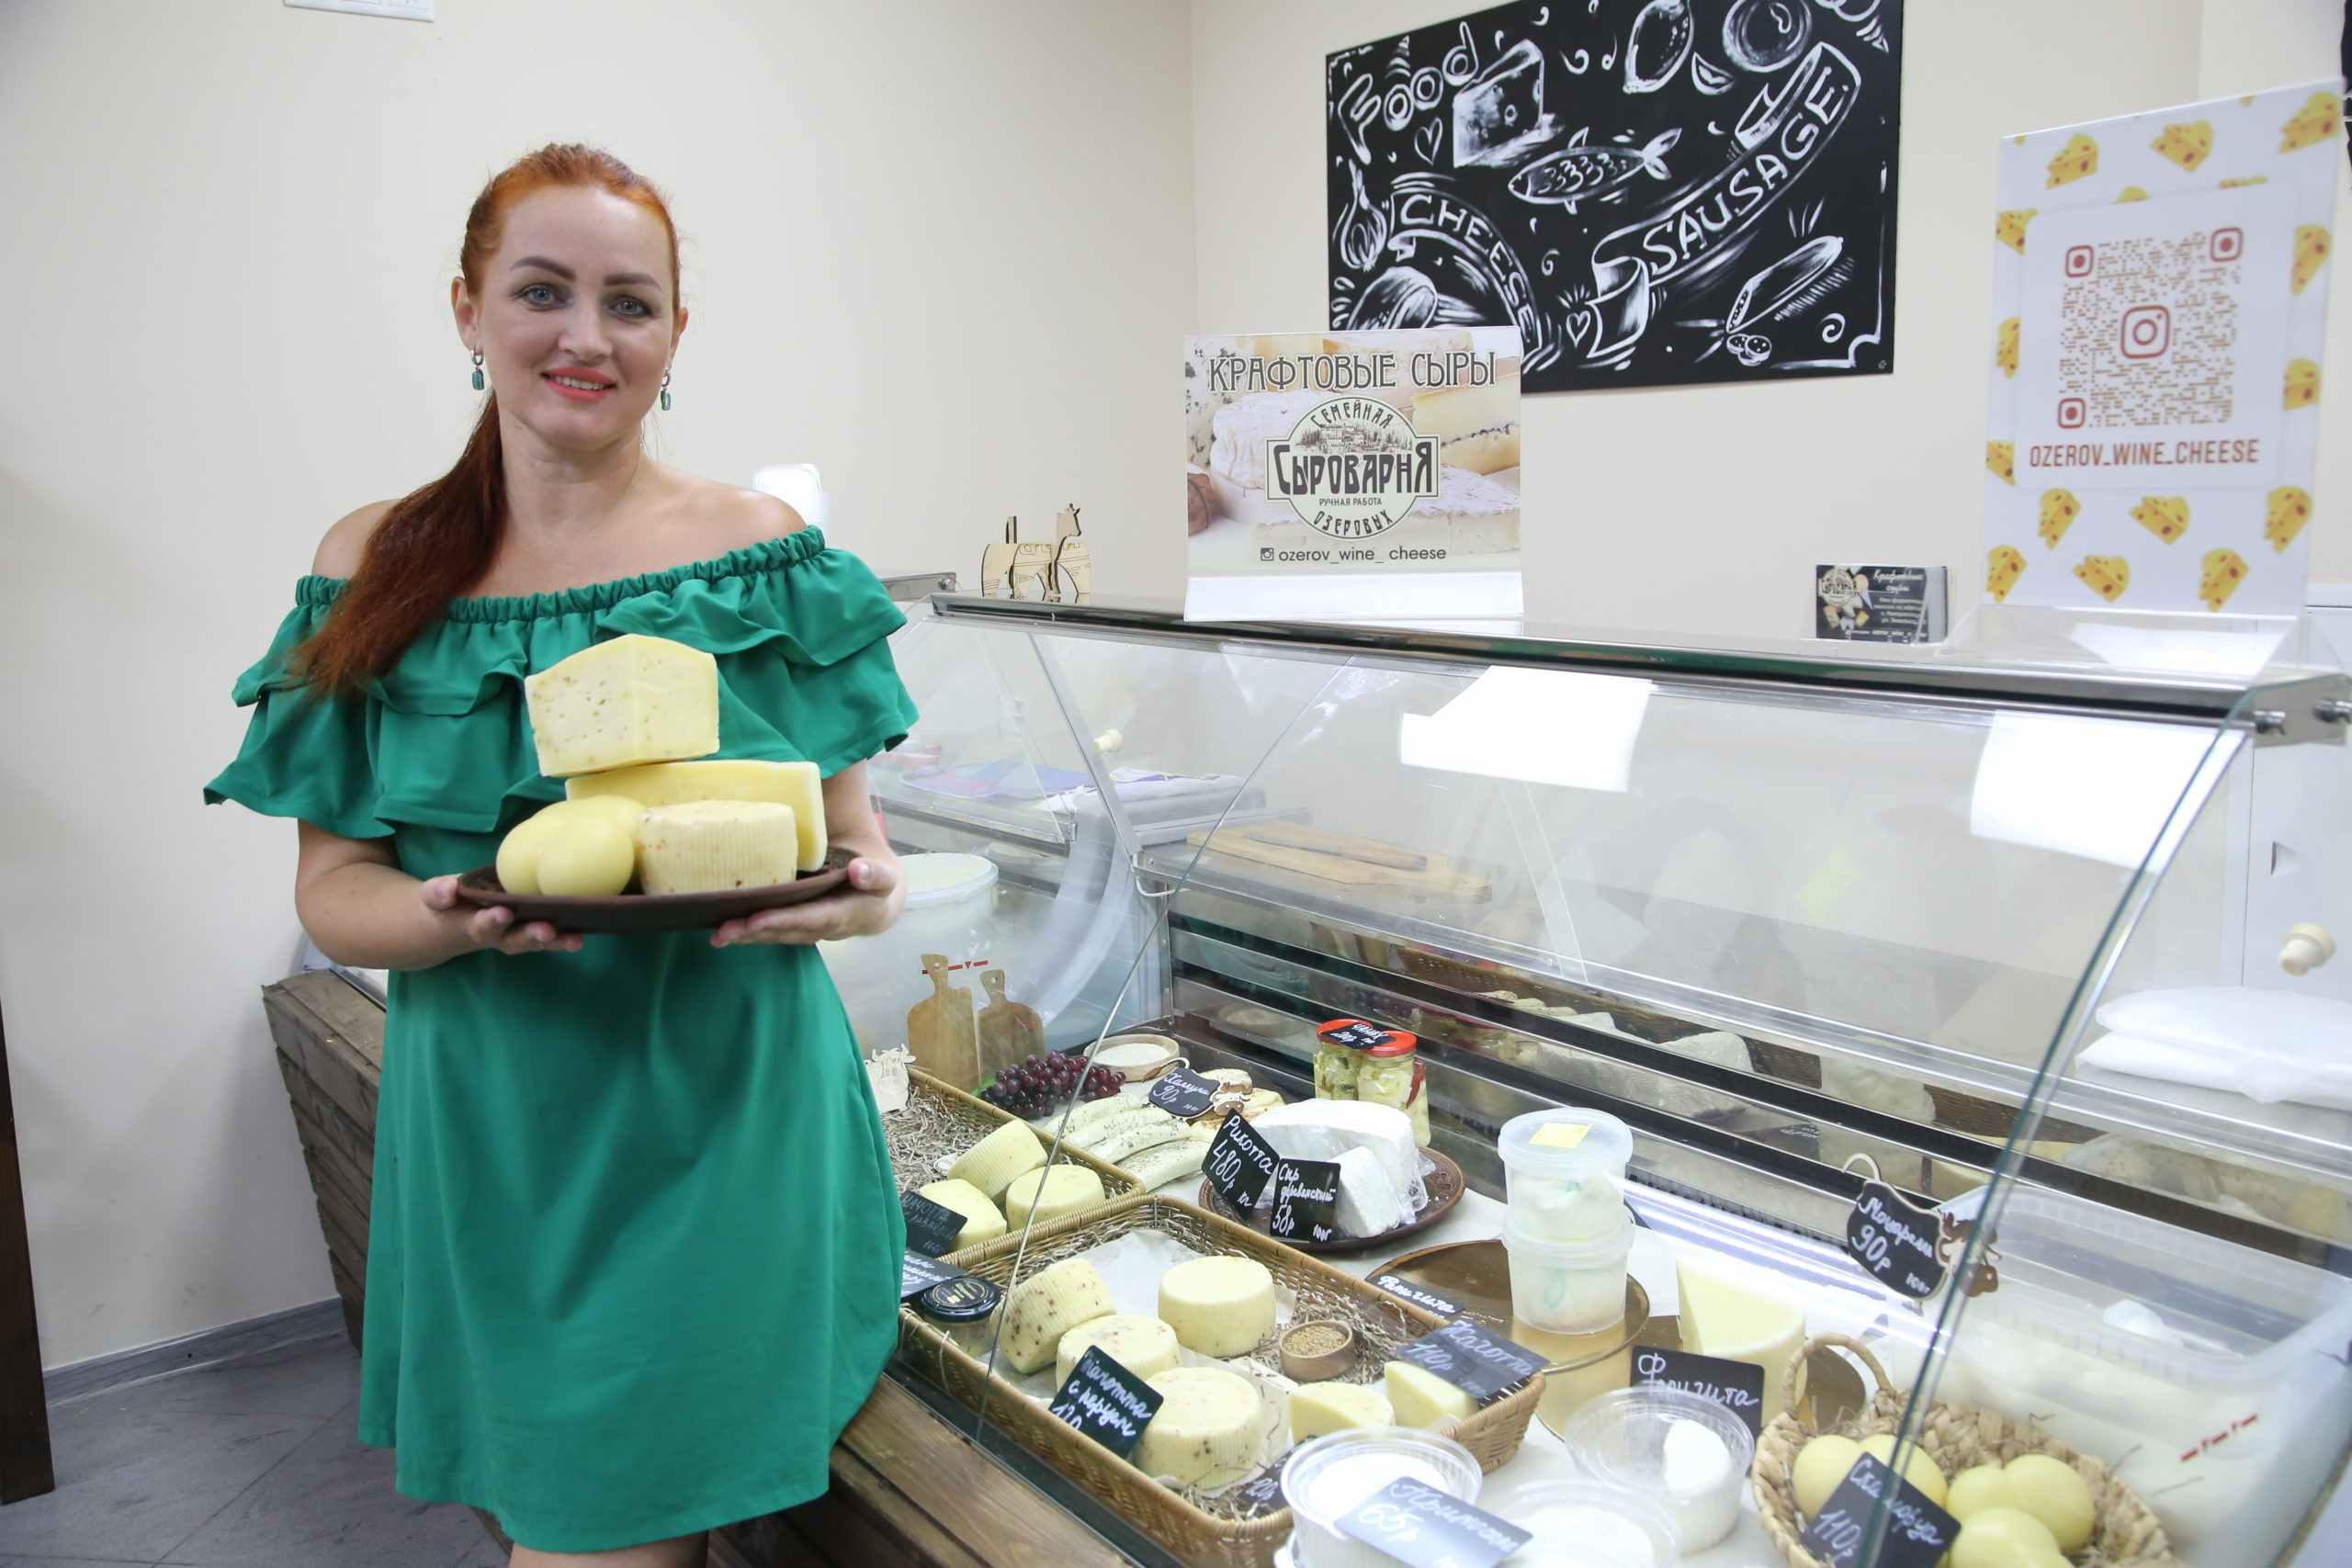 Многодетная семья из Новороссийска основала производство крафтовых сыров